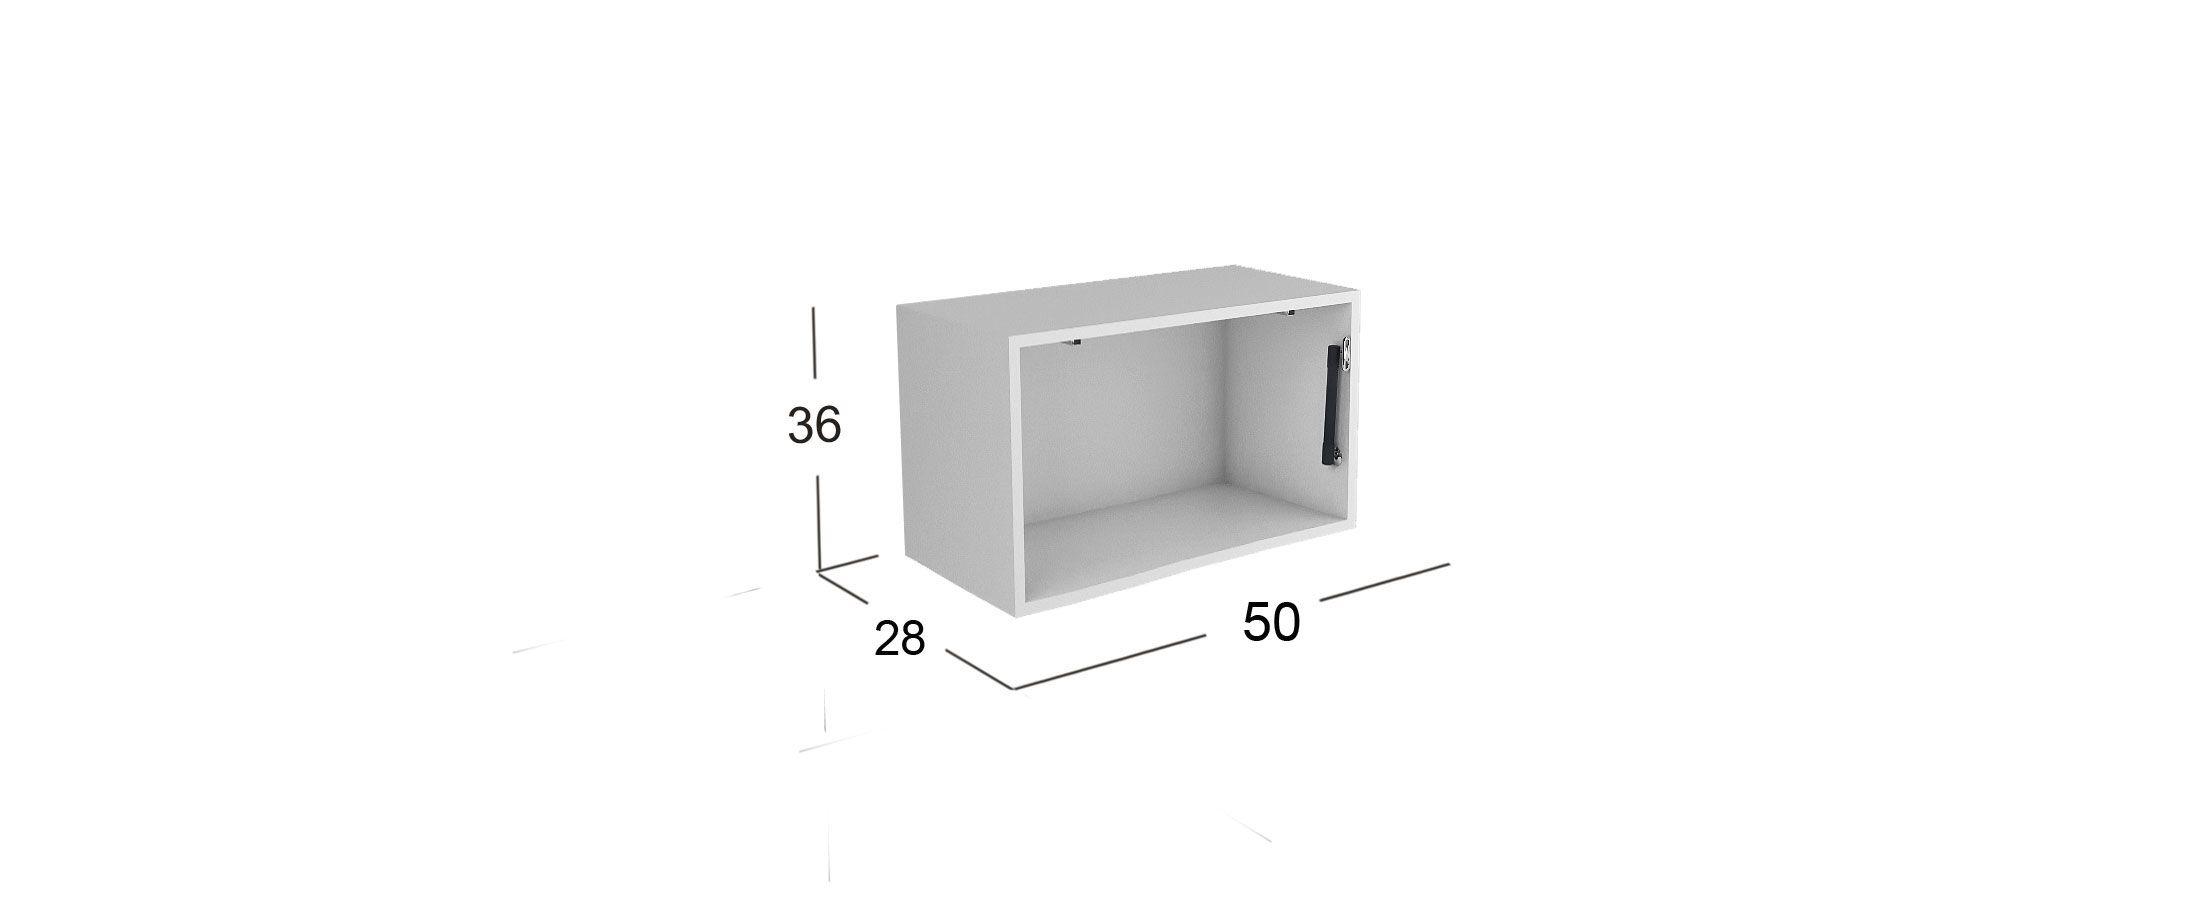 Шкаф навесной Паутинка Модель 700Шкаф навесной шириной 50 см Паутинка Модель 700. Артикул Д000286. Быстрая доставка, вынос упаковки, гарантия! Выгодная покупка!<br><br>Ширина см: 50<br>Глубина см: 30<br>Высота см: 36<br>Цвет корпуса: Белый<br>Цвет фасада: Паутинка оливковая<br>Материал фасада: МДФ<br>Материал корпуса: ЛДСП